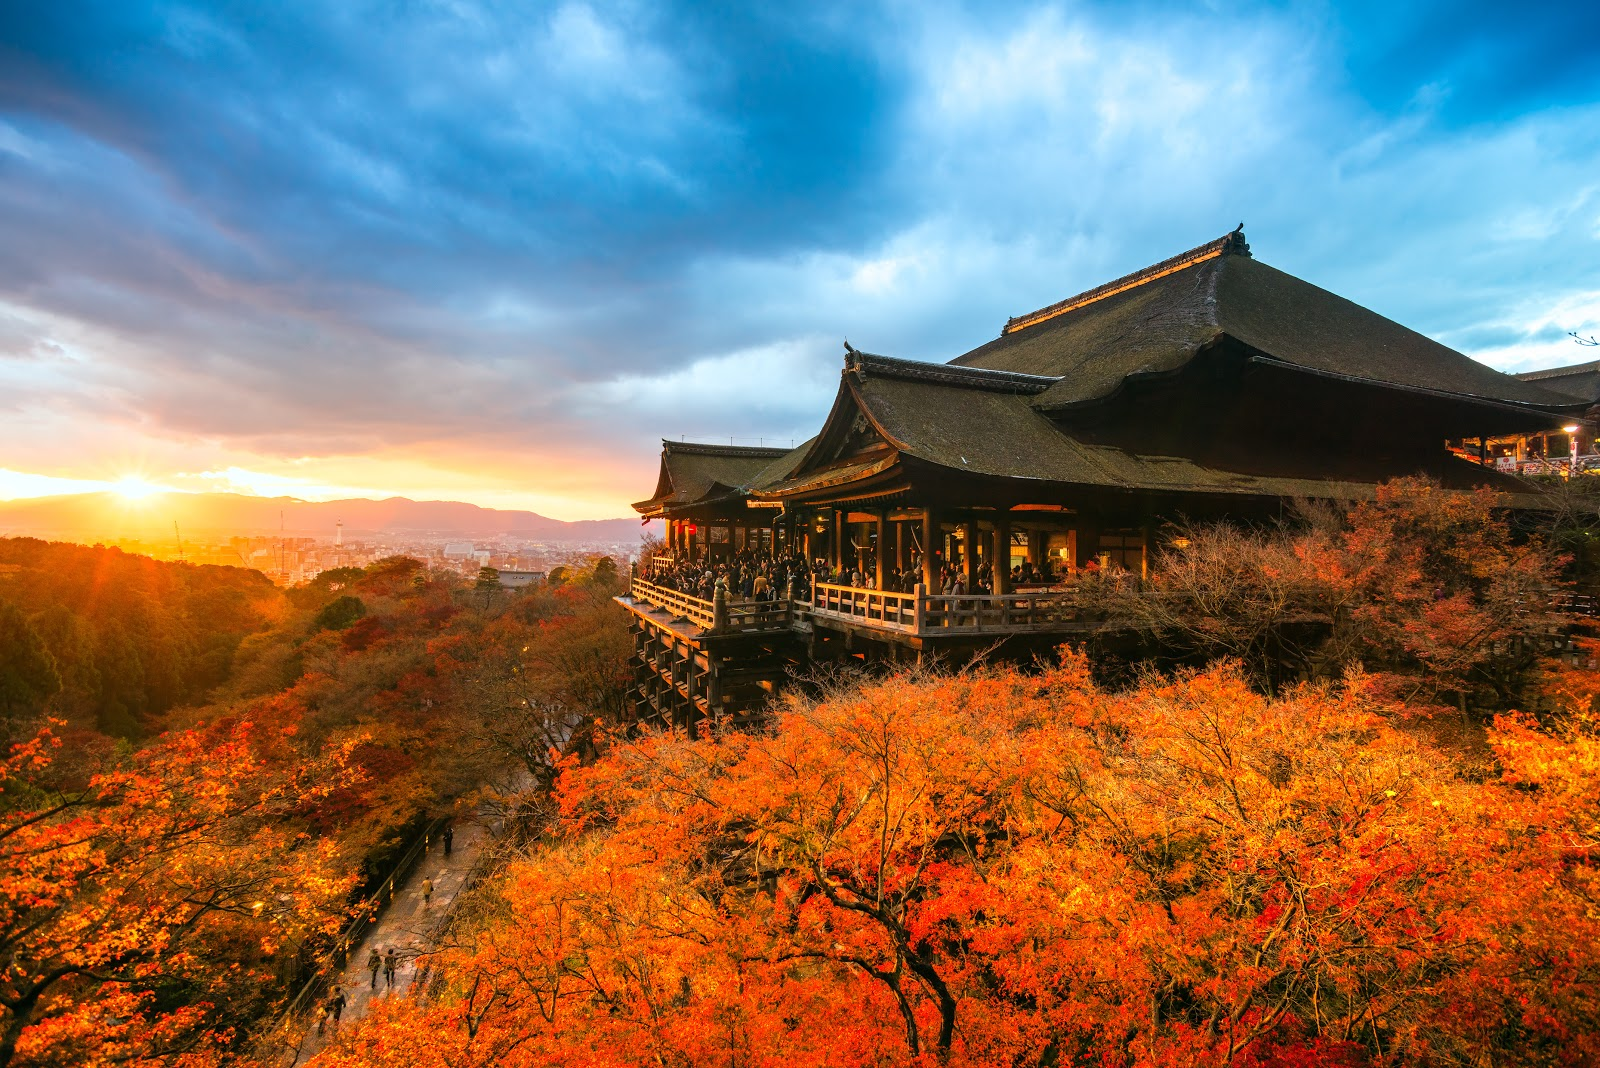 Mùa thu – mùa du lịch lý tưởng nhất Nhật Bản